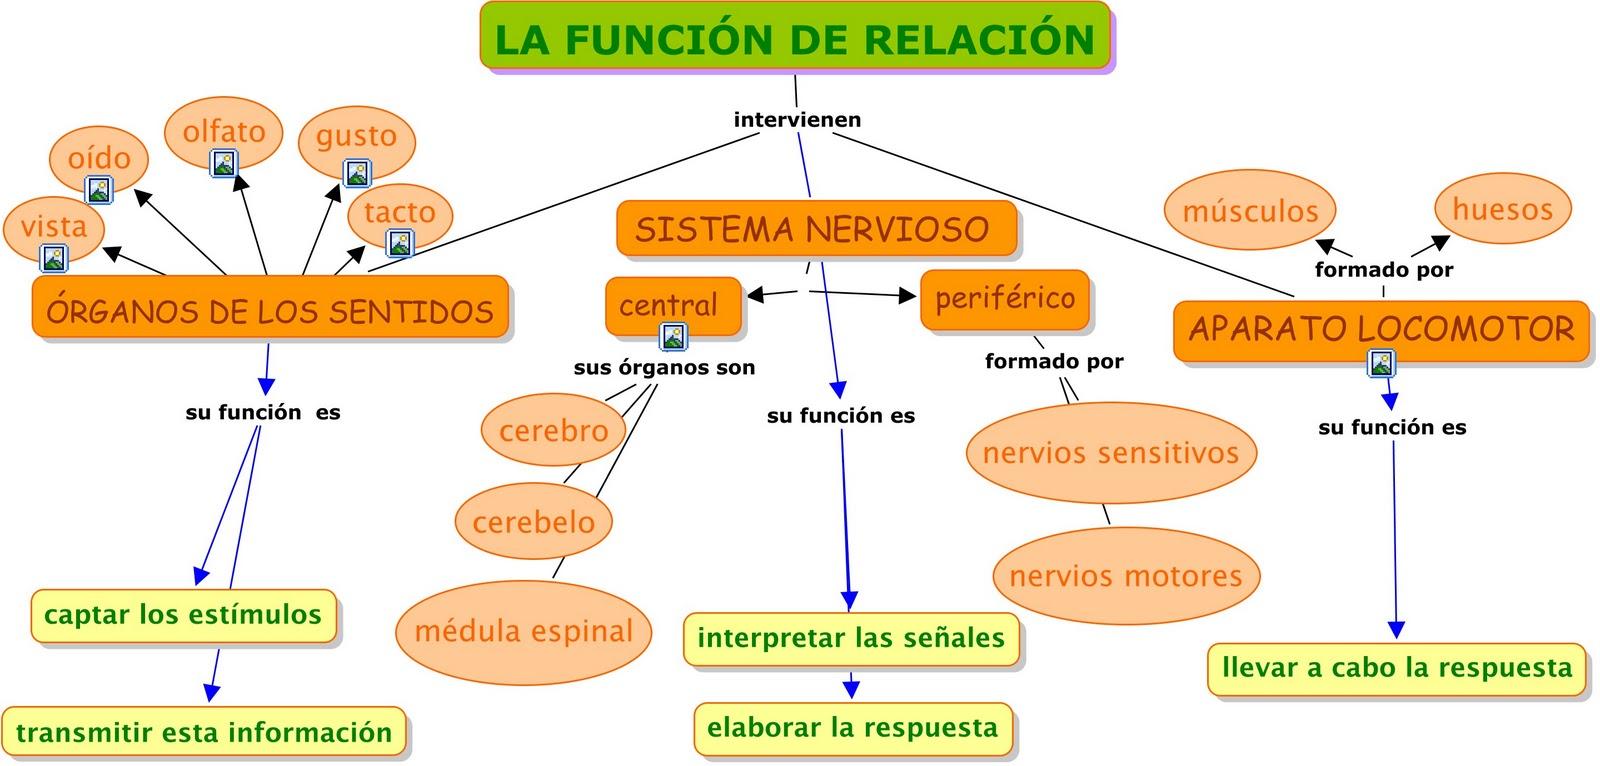 Mapa conceptual sobre la función de relación. Está muy clarito y